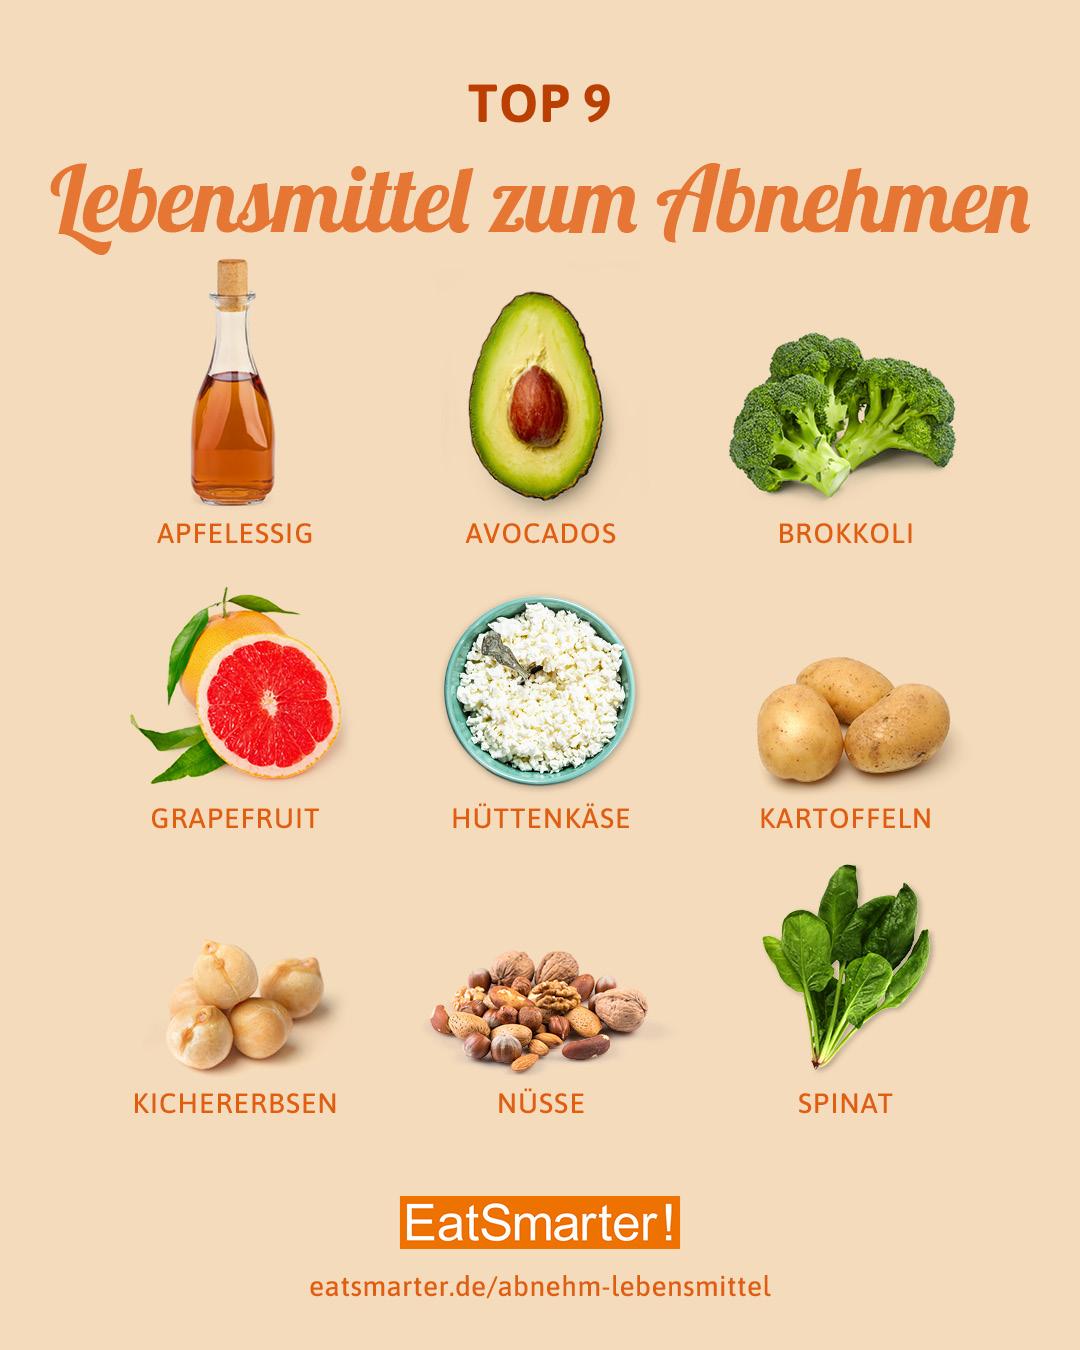 Die 8 besten Lebensmittel zum Abnehmen  EAT SMARTER